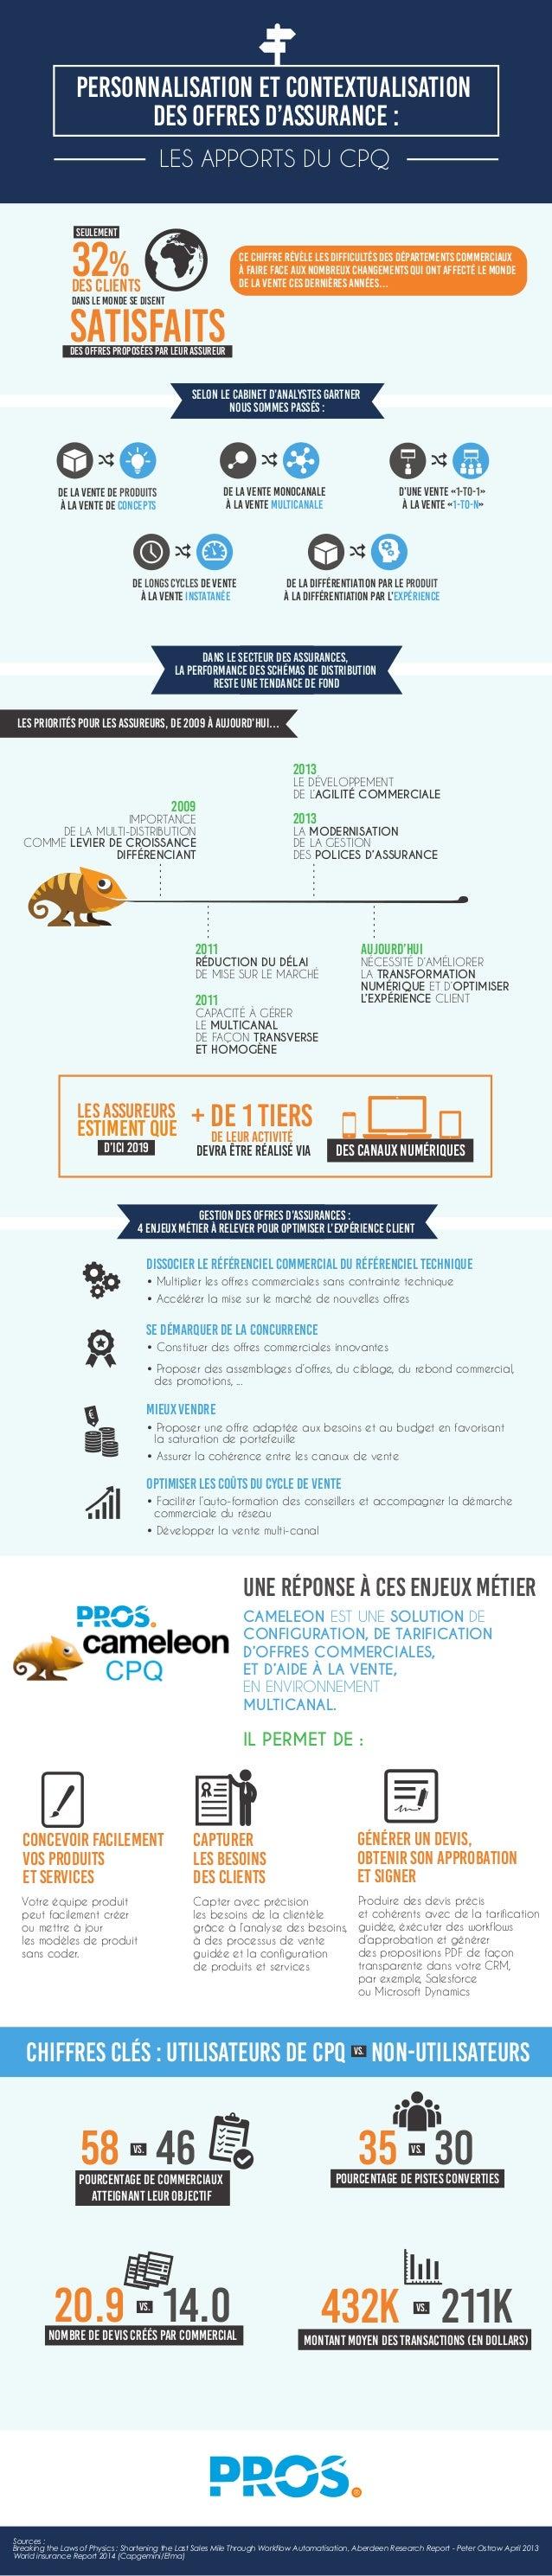 Personnalisation et contextualisation des offres d'assurance : LES APPORTS DU CPQ 32%des clients dans le monde se disent S...